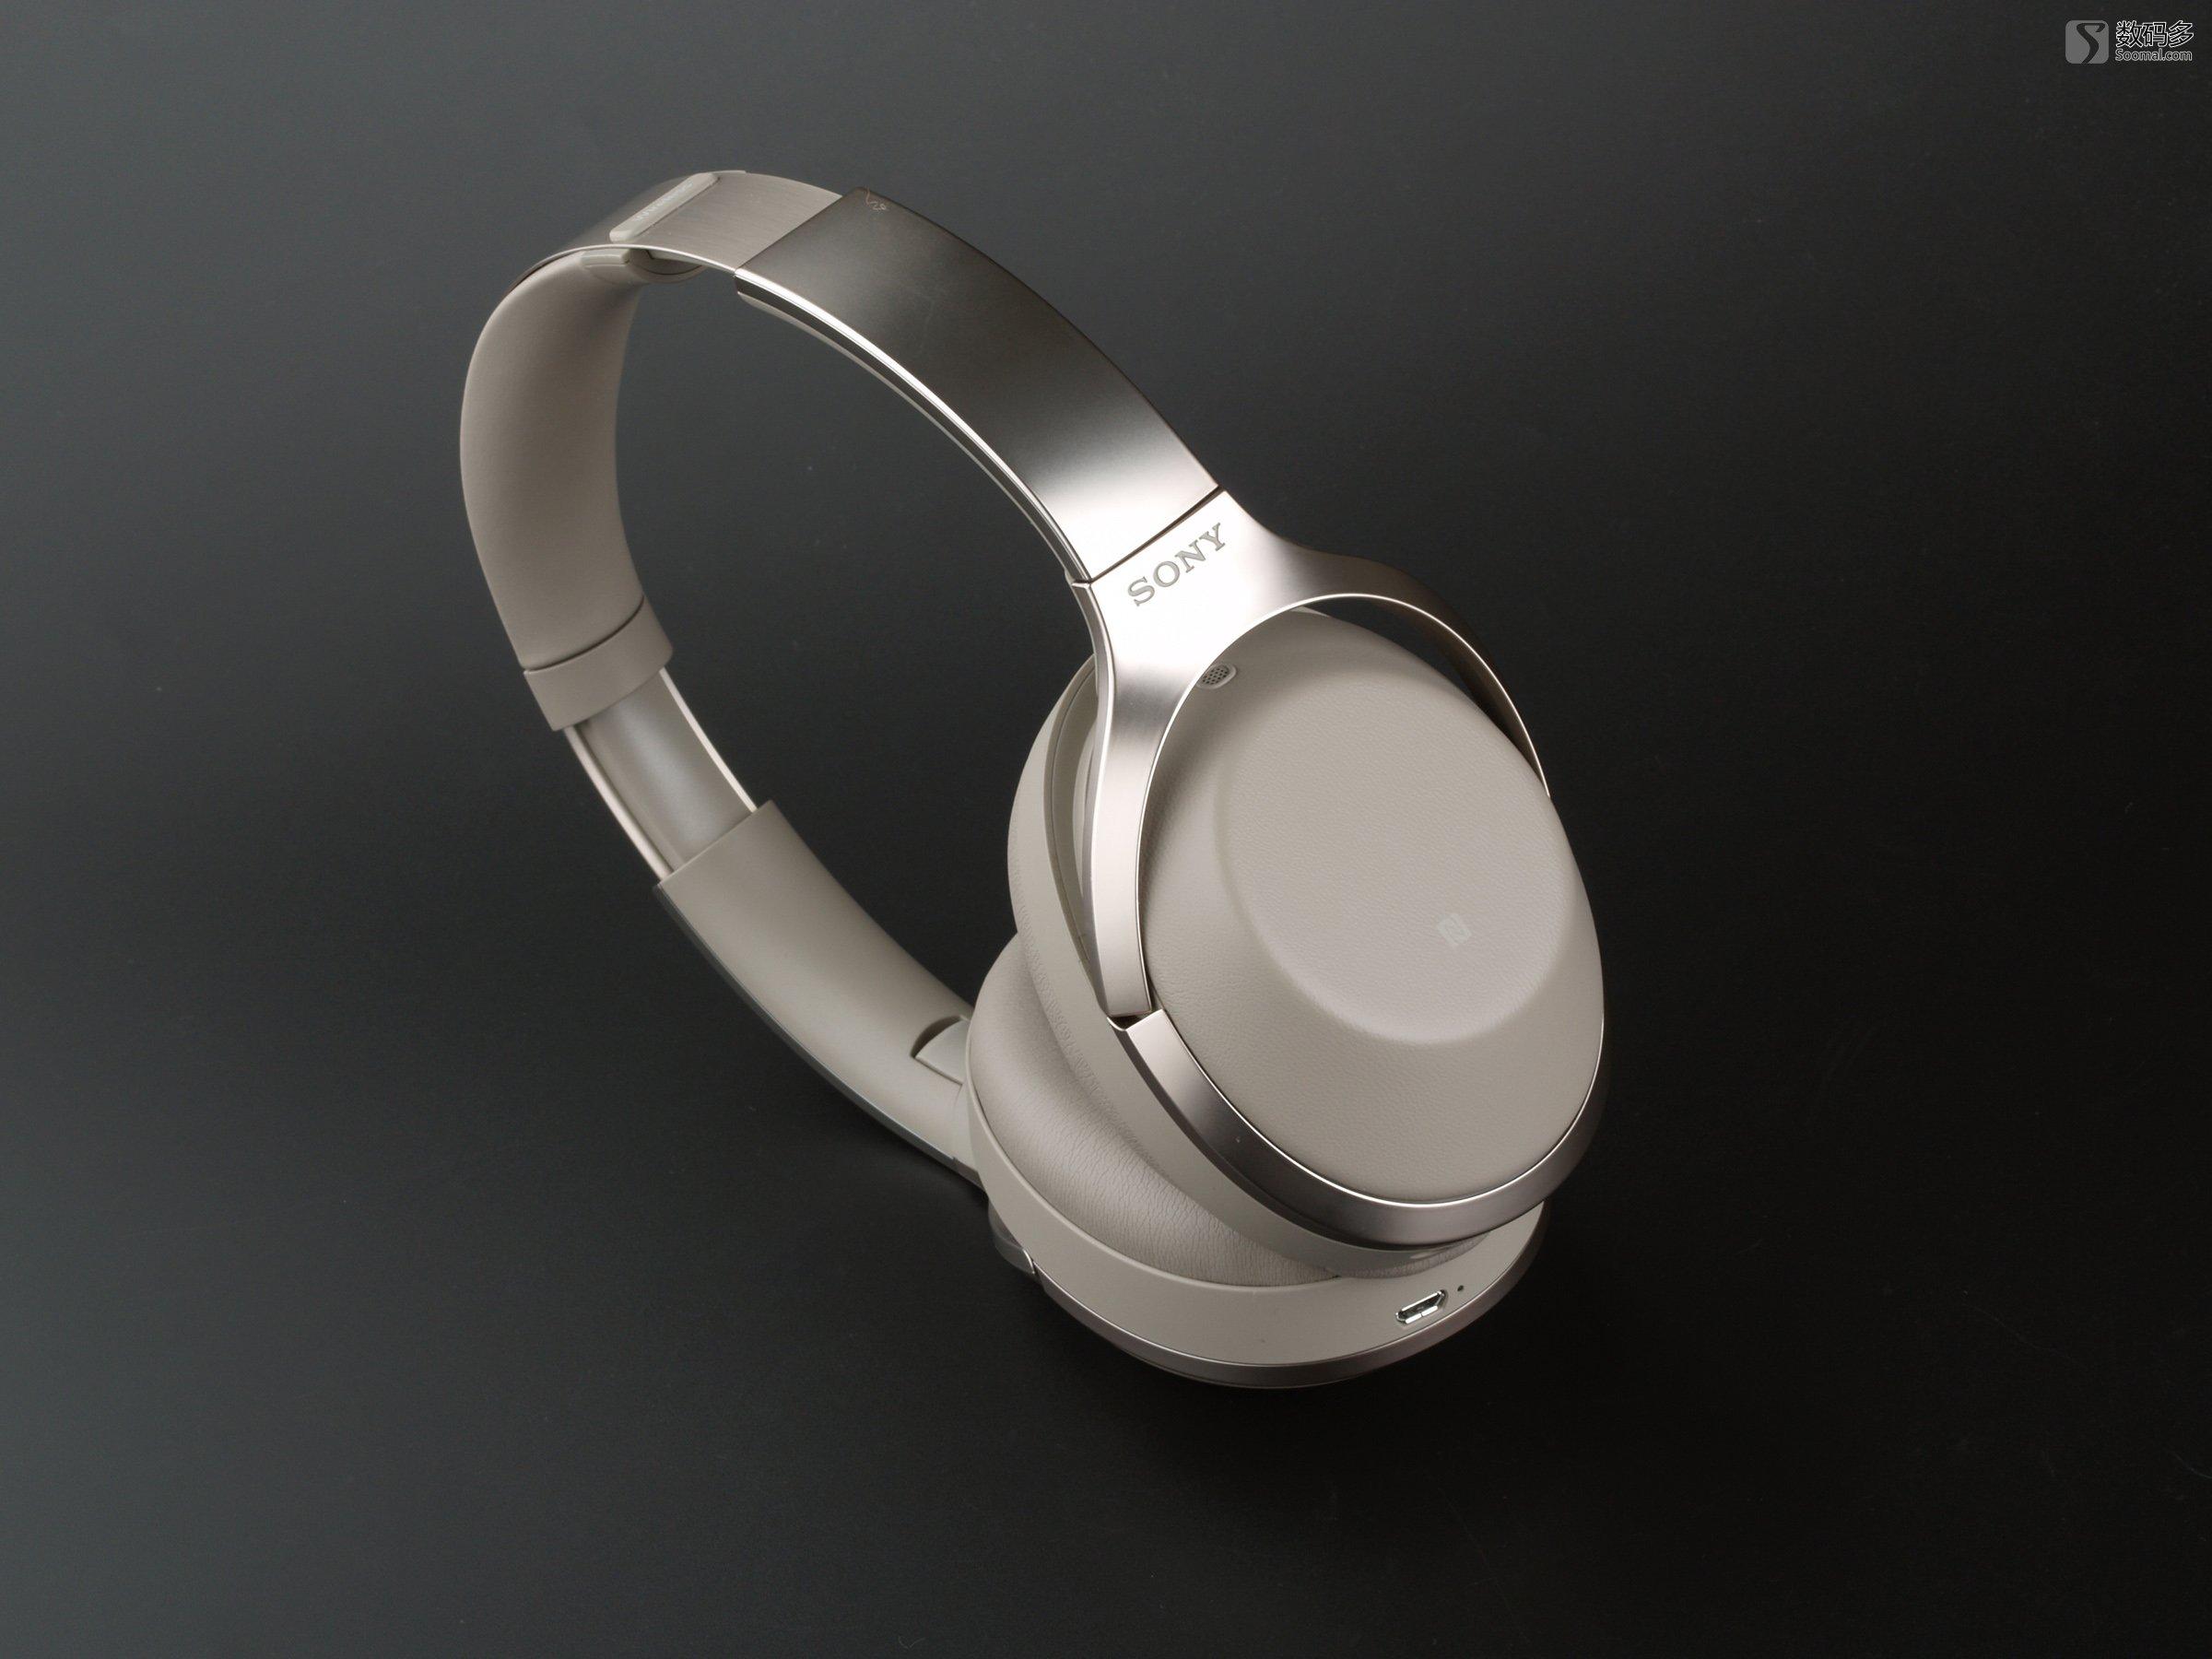 蓝牙耳机头戴式索尼